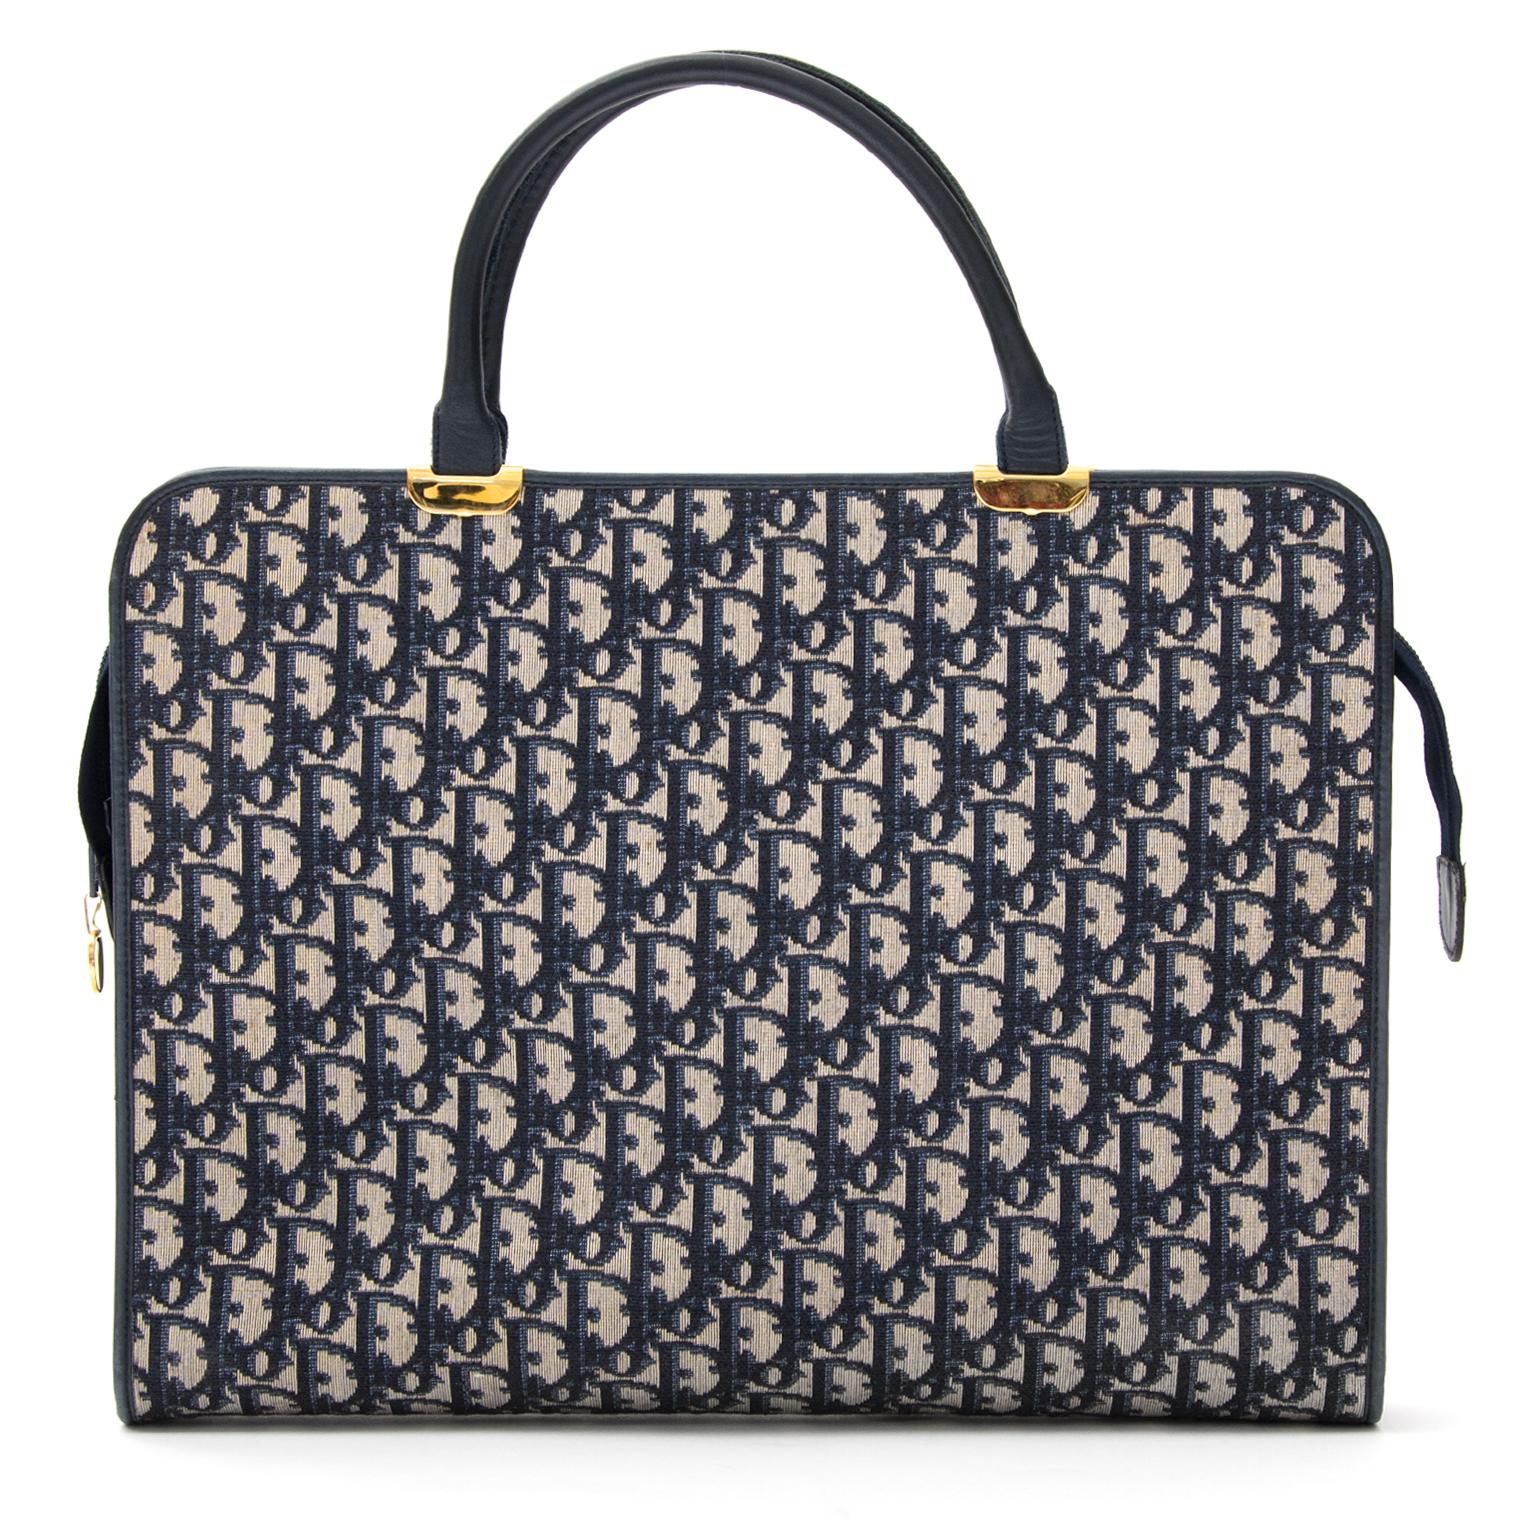 Koop tweedehands monogram laptop tas van Dior bij Labellov Antwerpen.